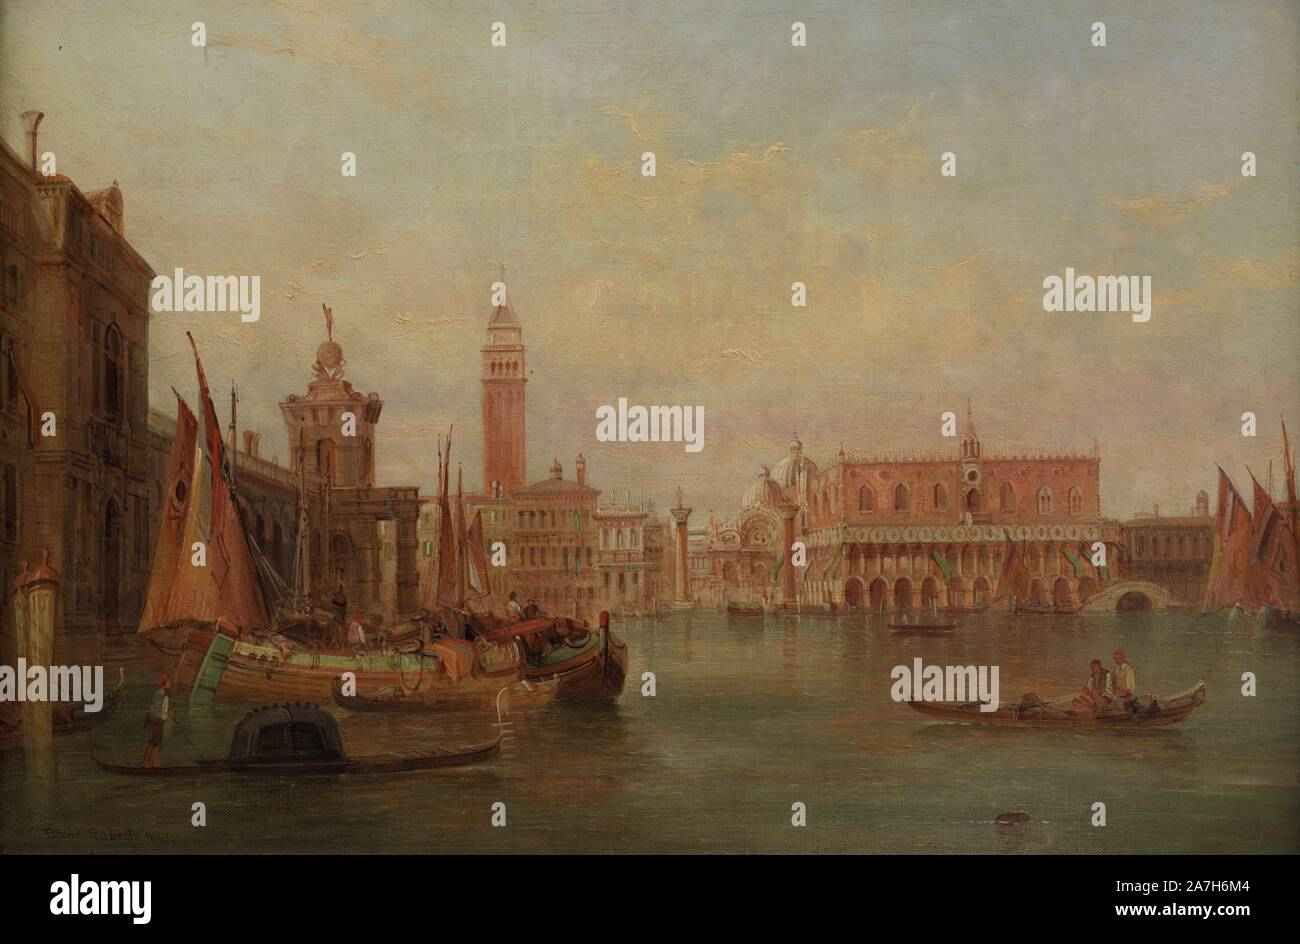 David Roberts (1796-1864). Pintor romántico inglés. Venecia. El Gran Canal, 1847. Museo de Bellas Artes. La Coruña. Galicia. España. Stock Photo